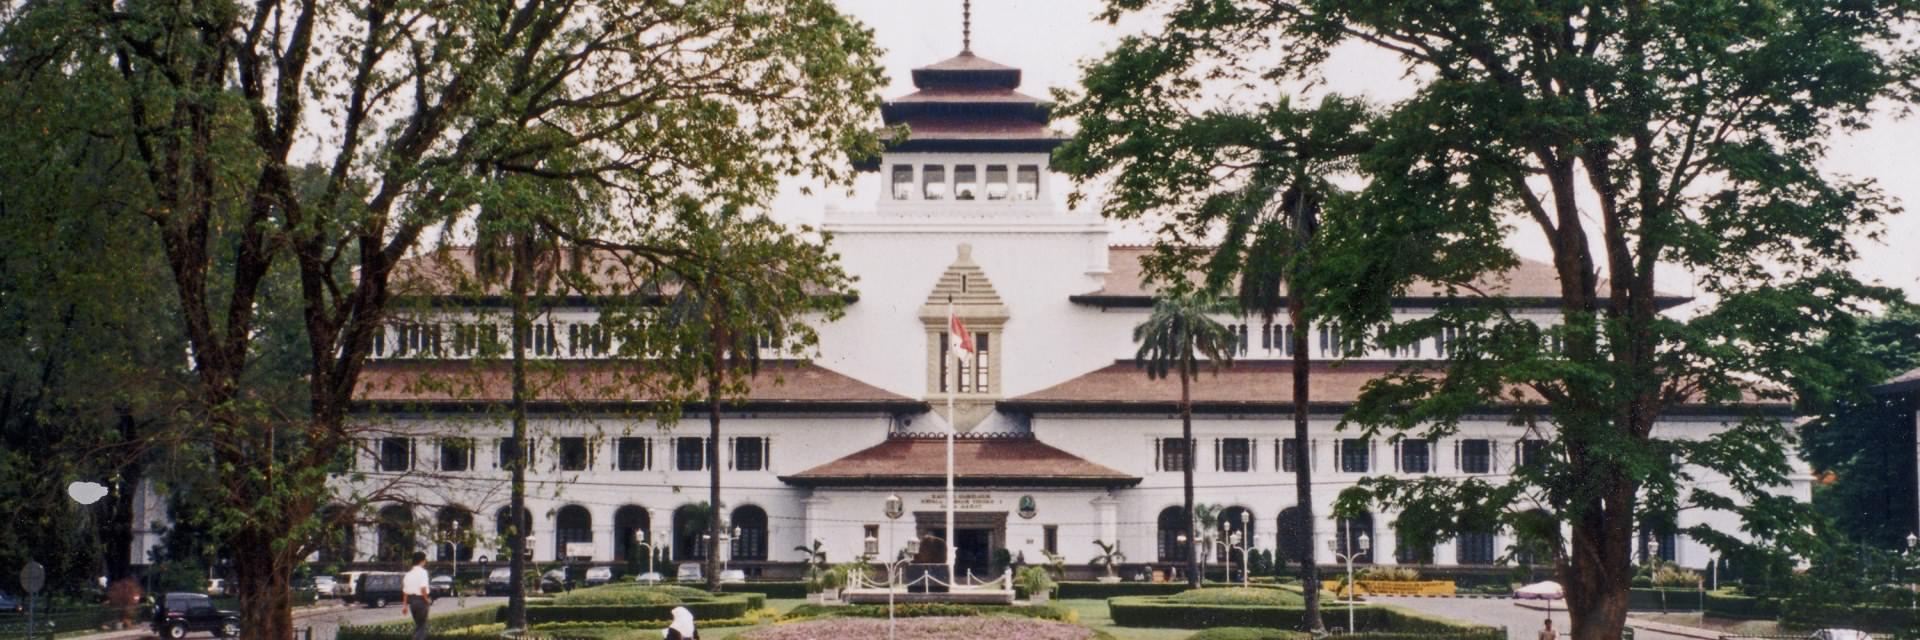 5 Bangunan Bersejarah Terpopuler yang Menjadi Icon Kota Bandung